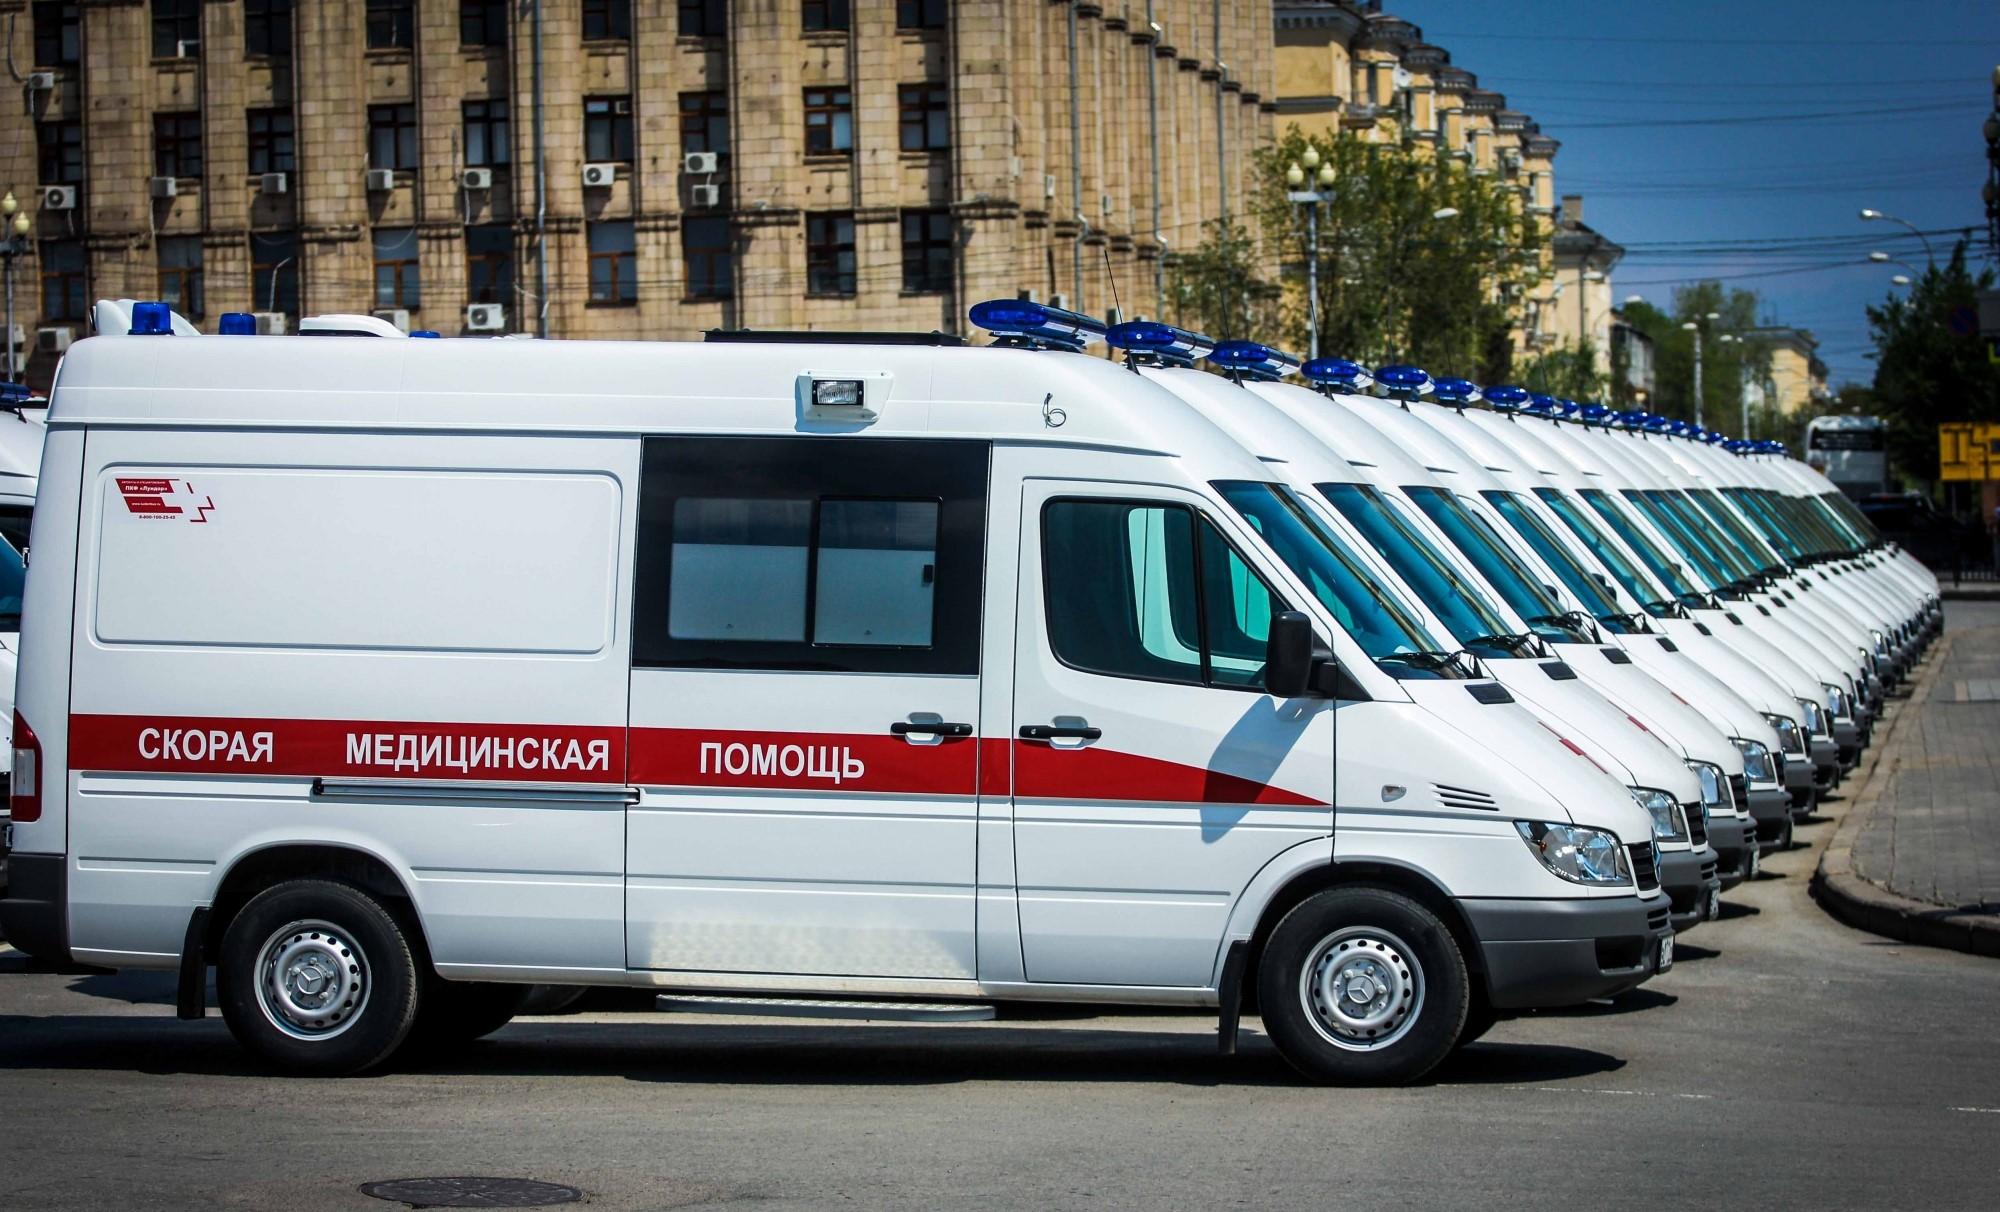 Из-за перевода машин на аутсорсинг в СМП Нижнего Тагила увольняют 150 человек